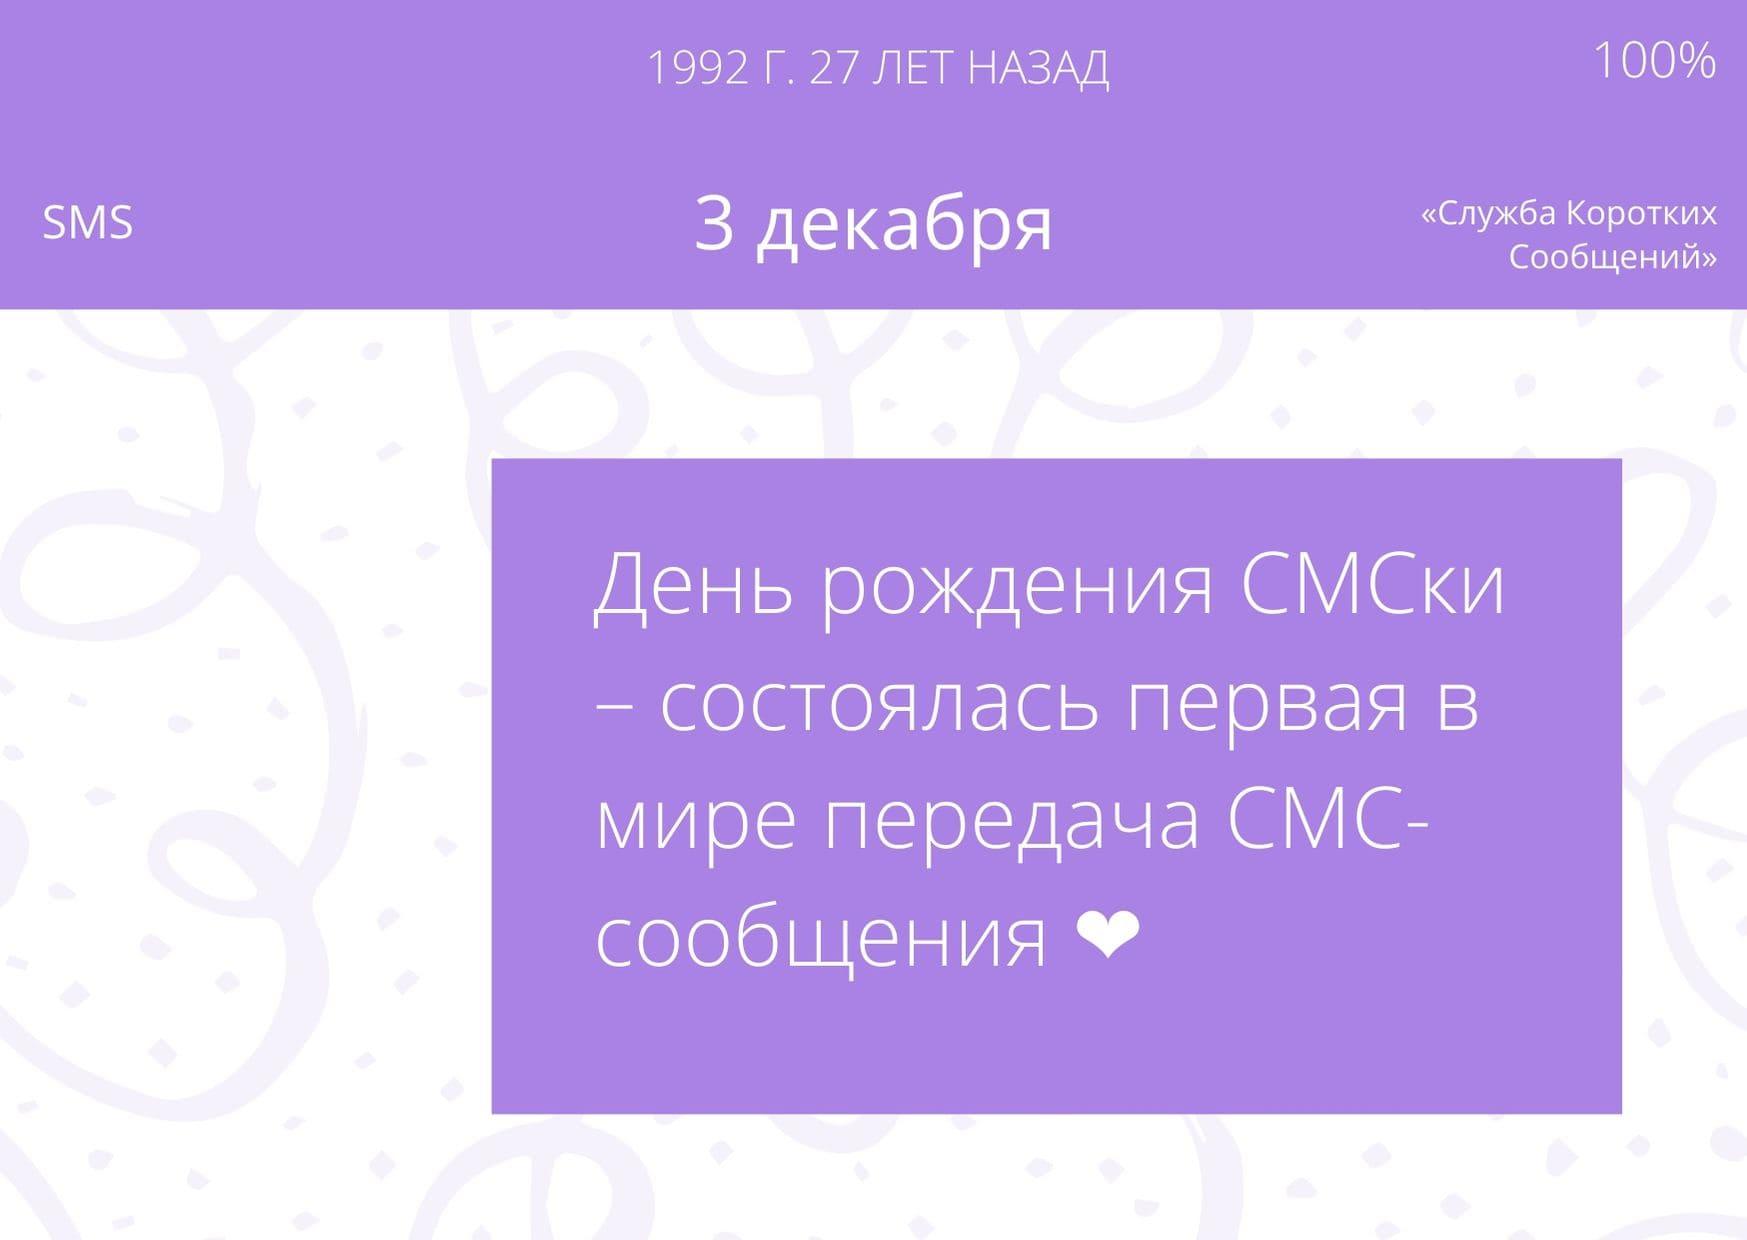 День рождения СМСки. 3 декабря